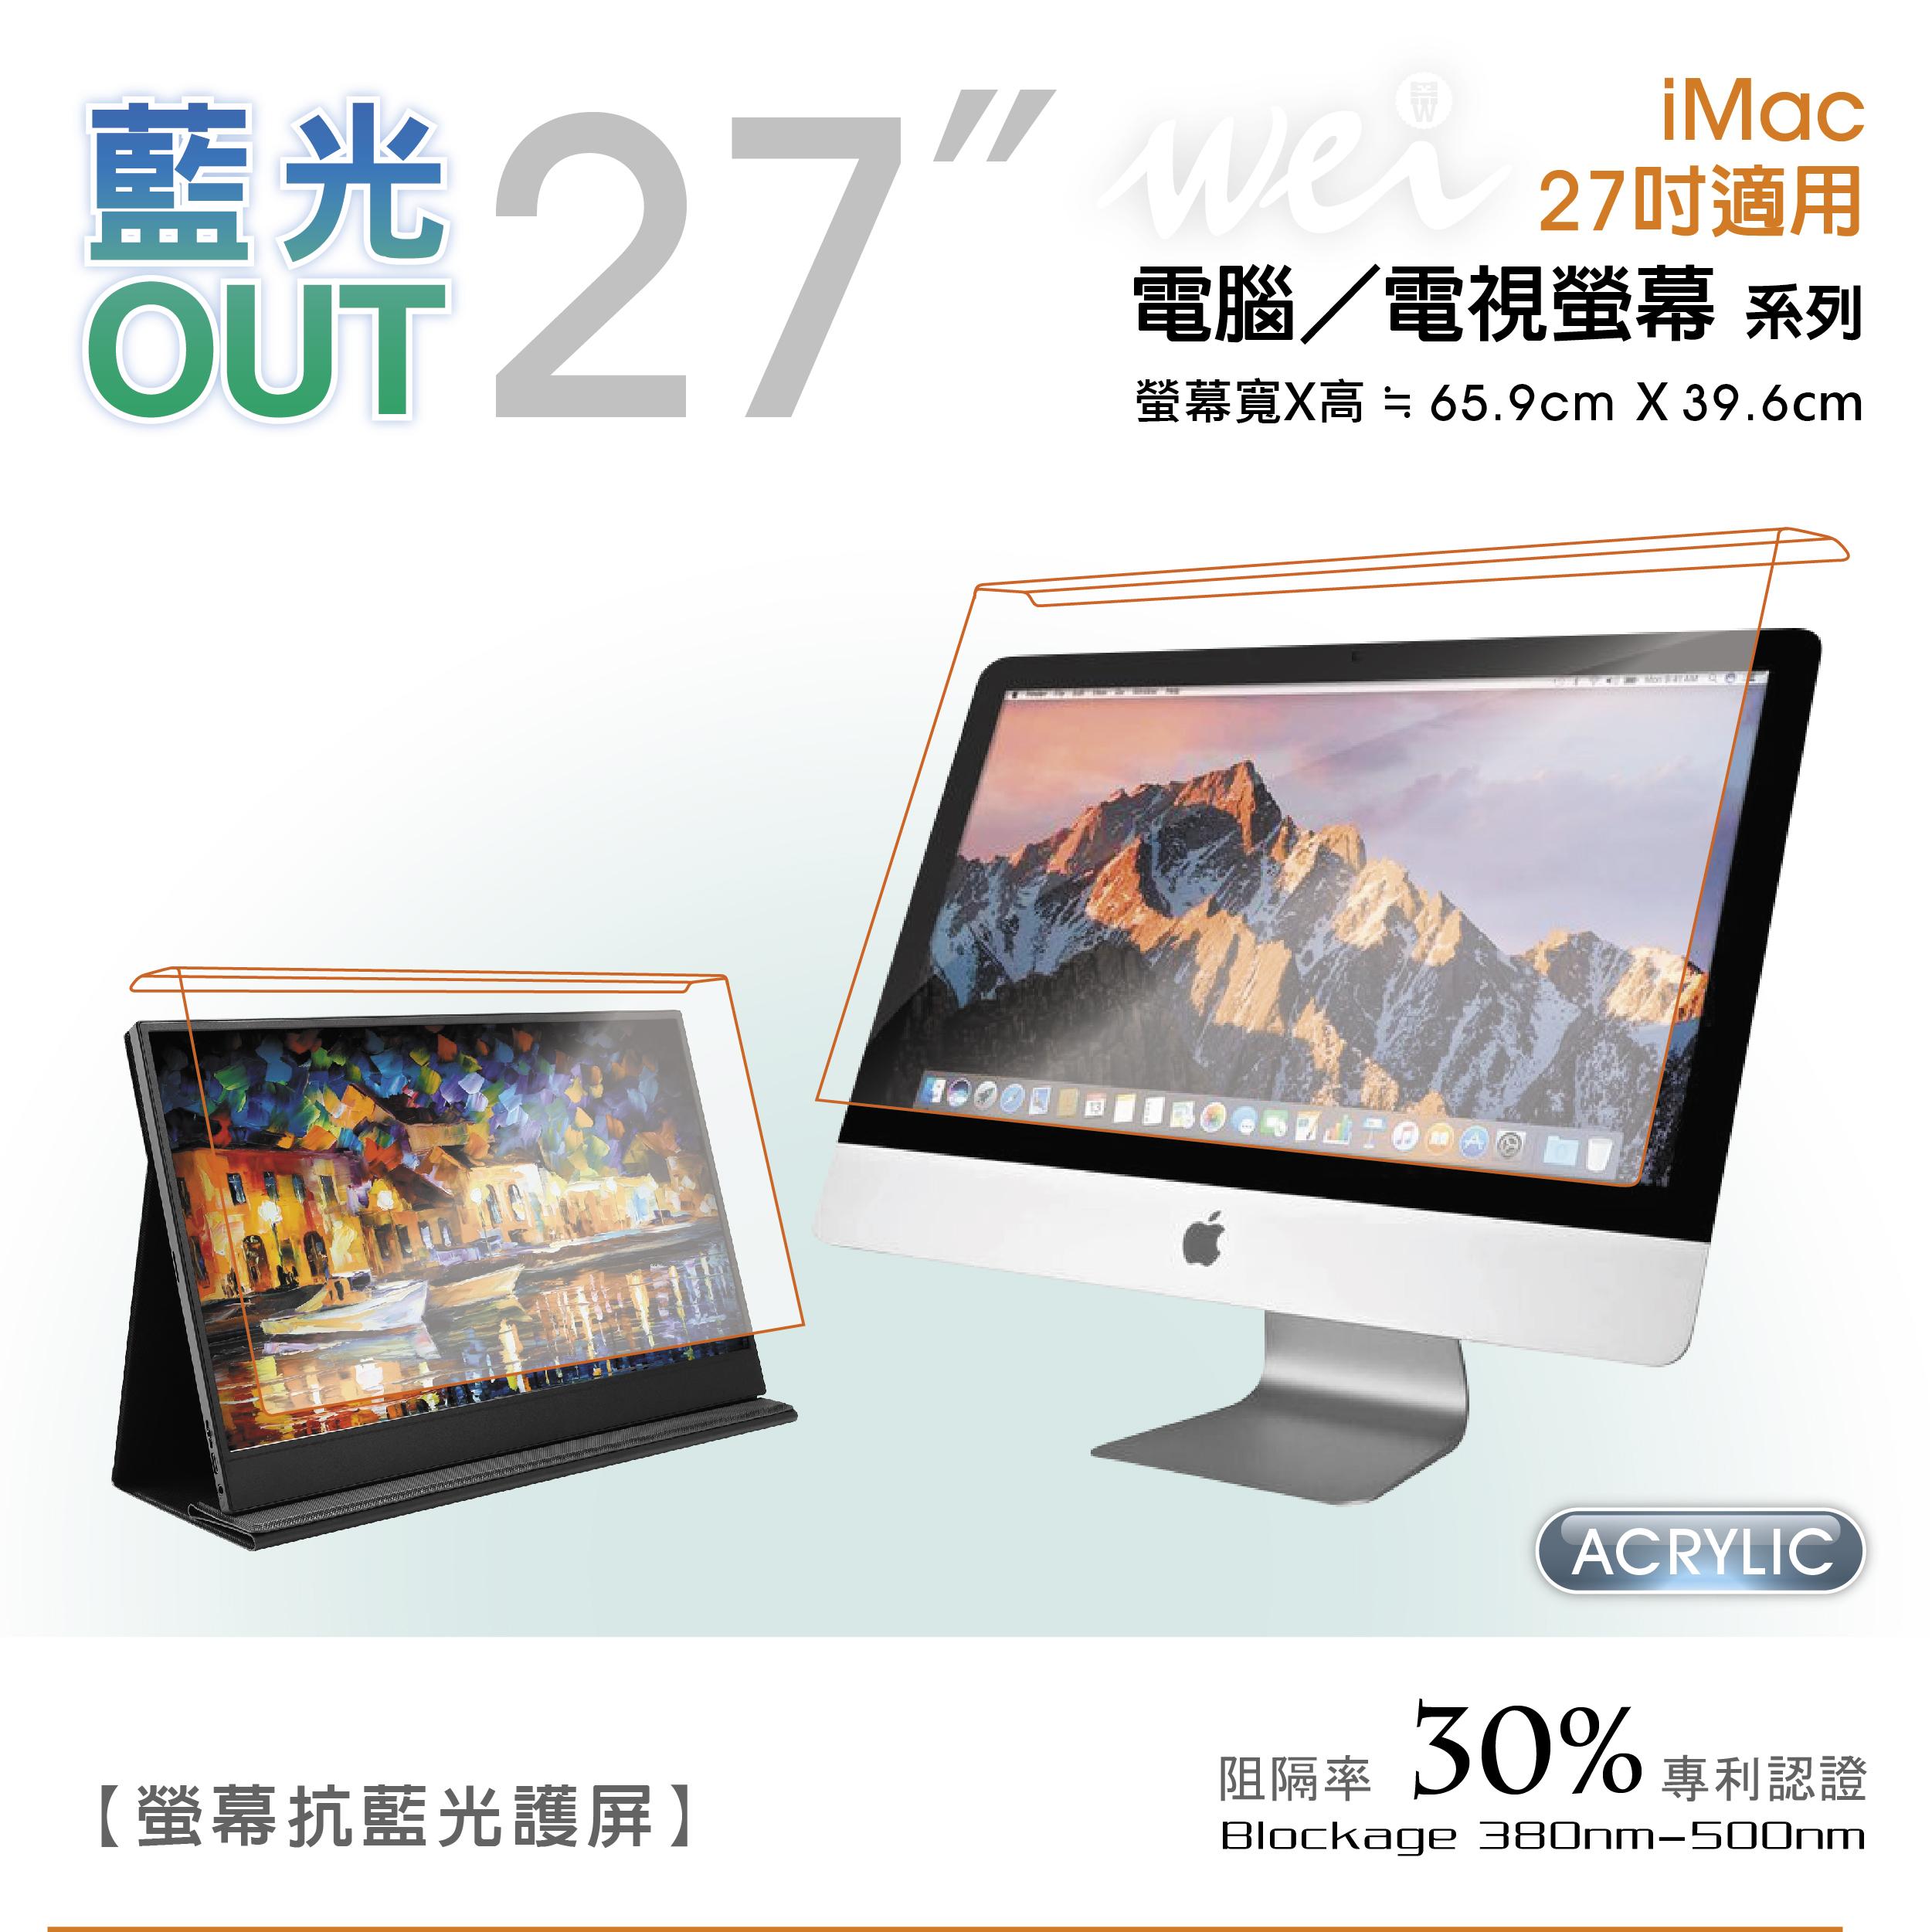 【膜力威】27吋iMac螢幕抗藍光護屏